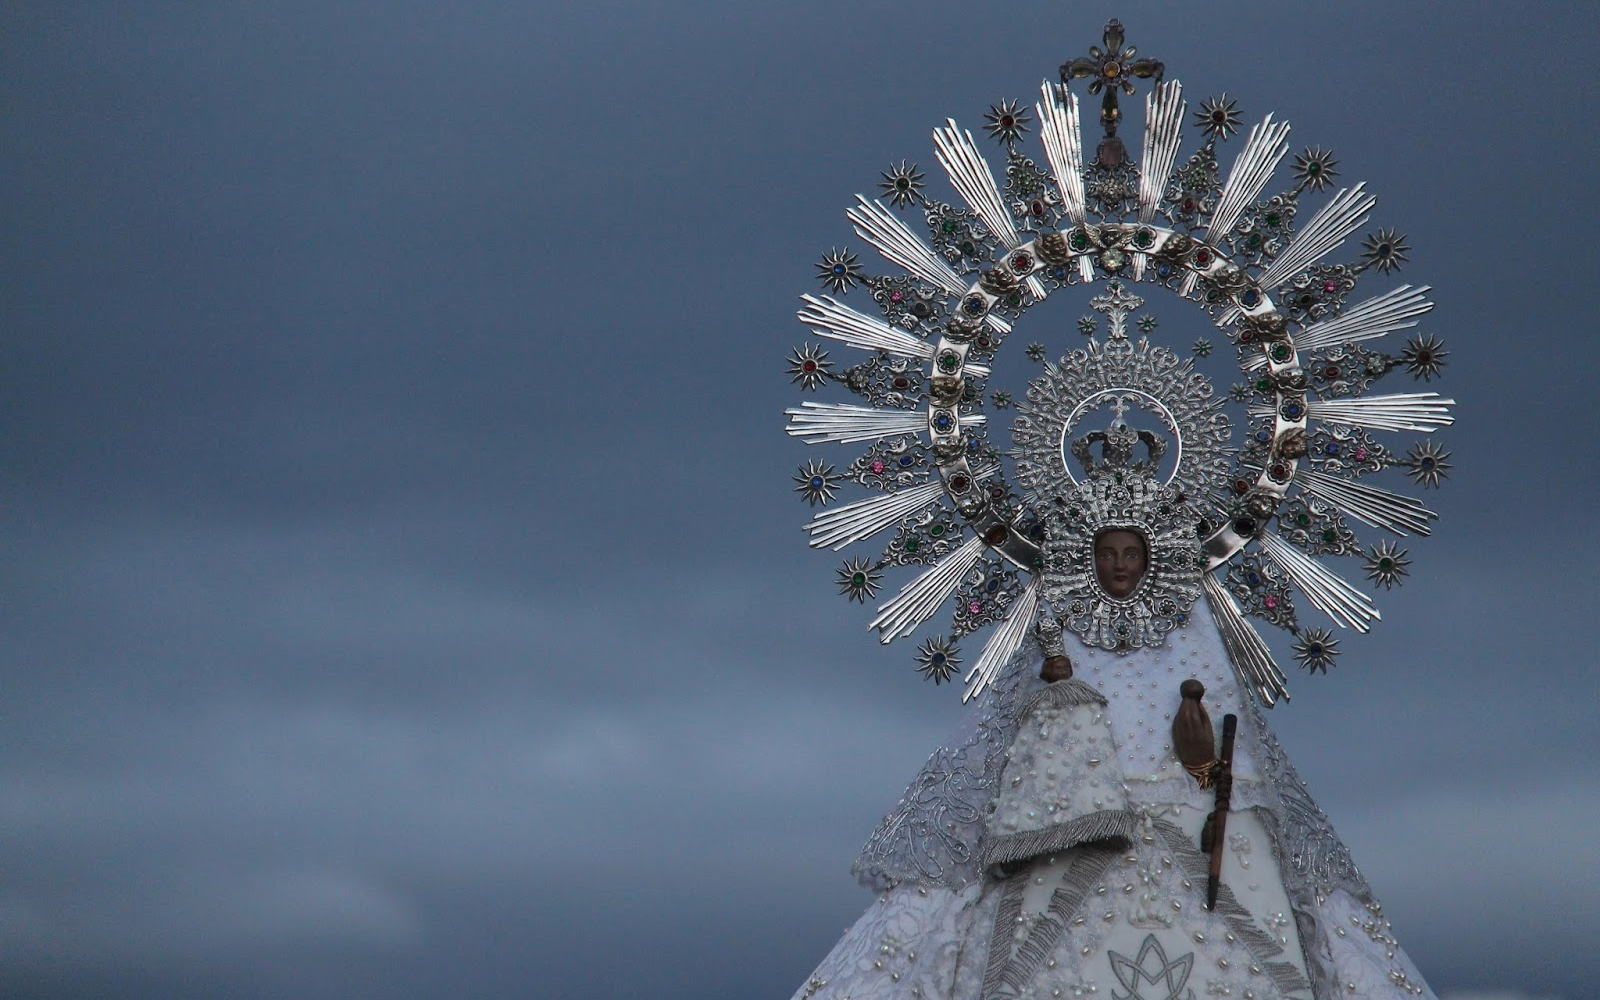 Nuestra Señora de Valverde de Fuencarral, Apareció en Resplandor, España (25 abr)